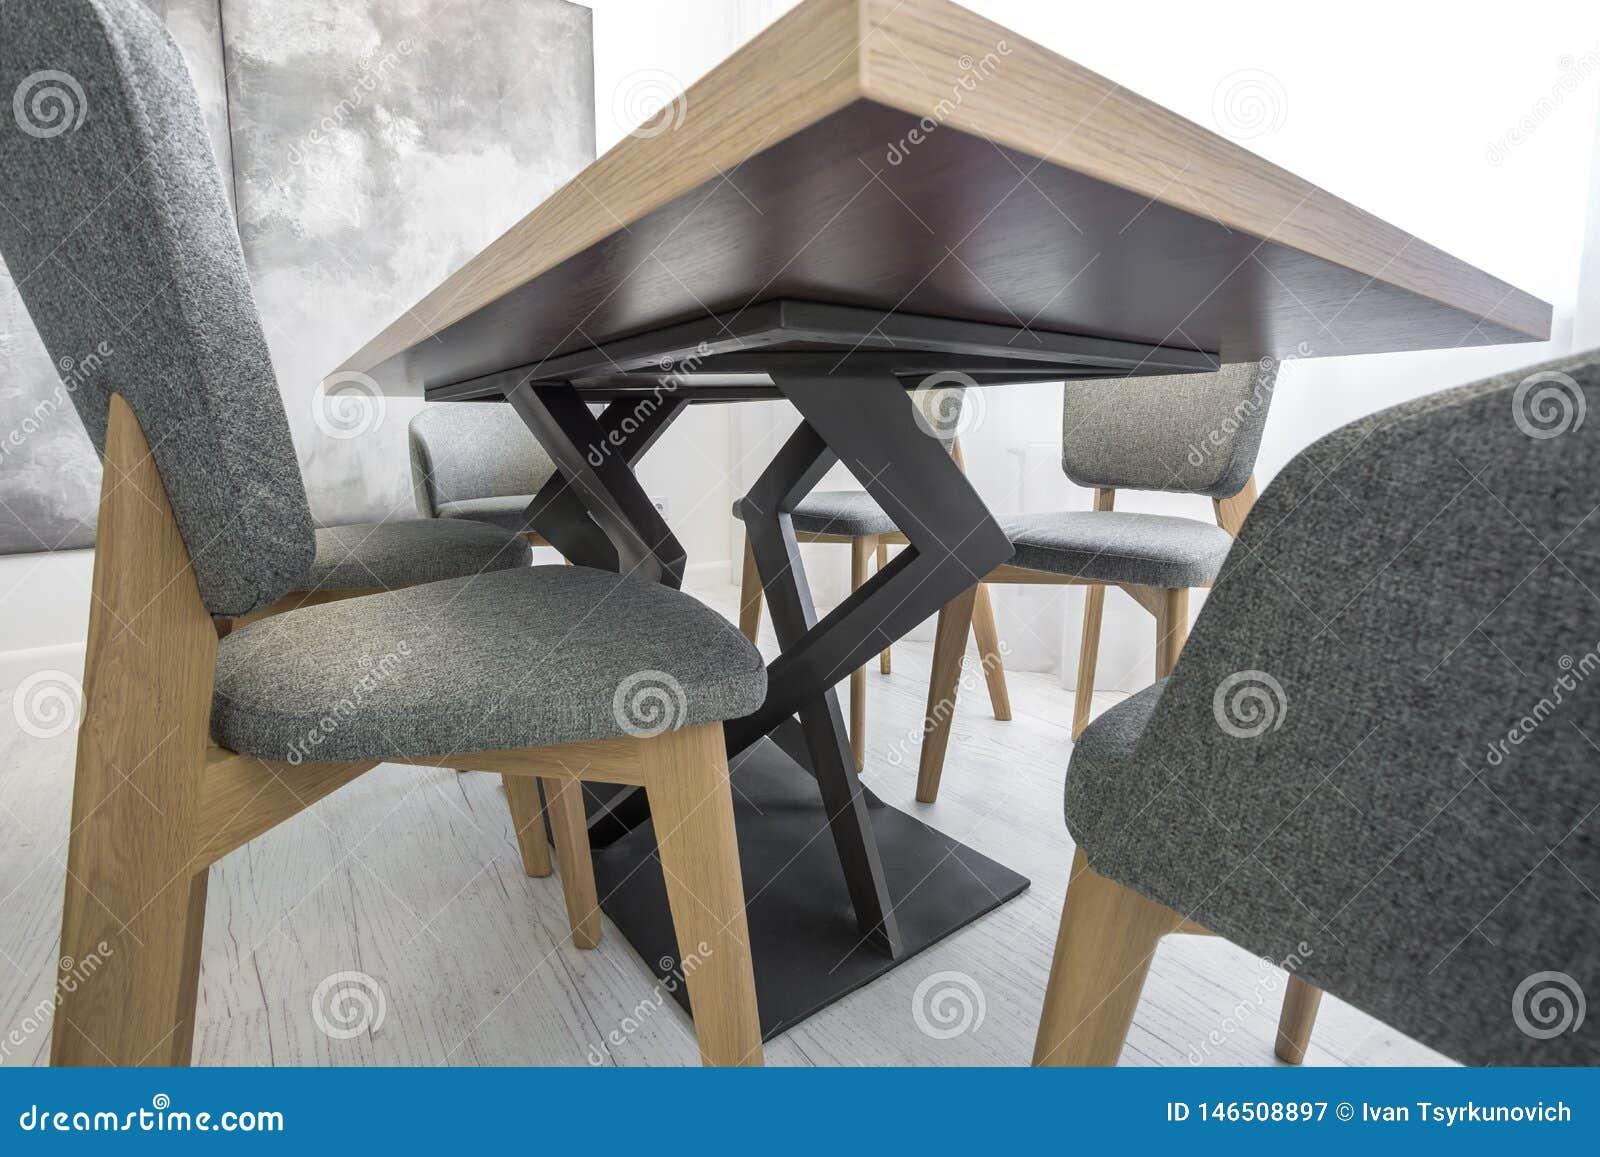 Διακοσμητικά πόδια καμπυλών του πίνακα και της καρέκλας κατώτατη άποψη